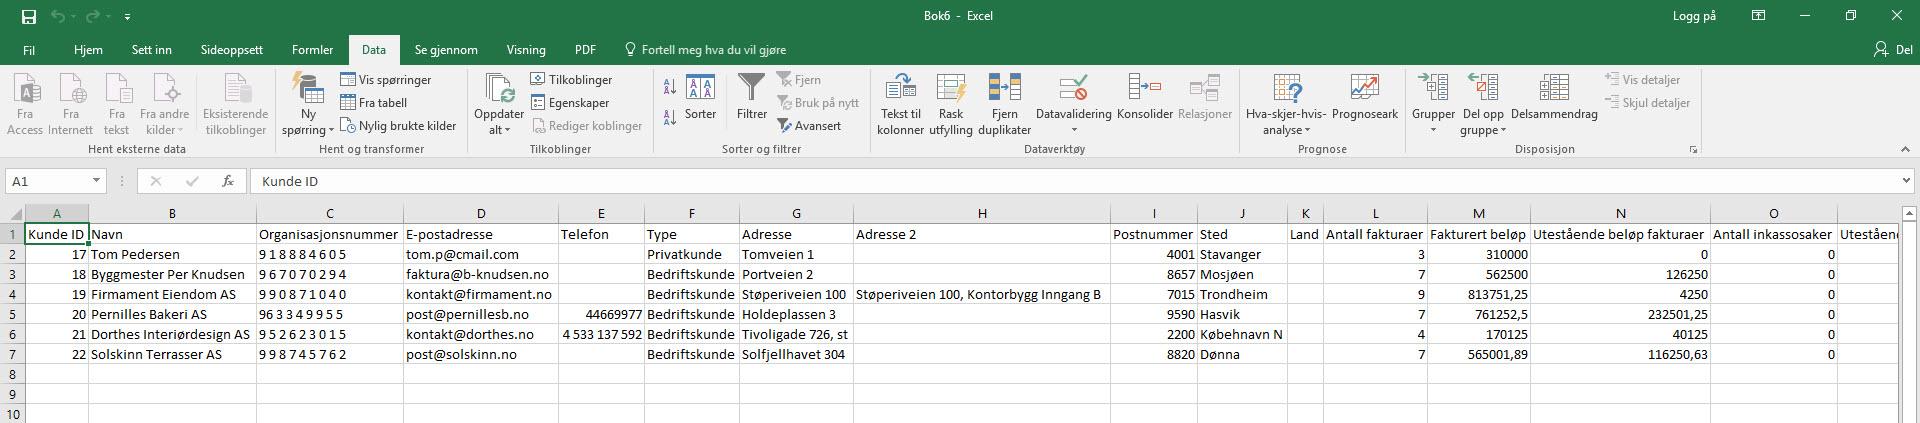 Excel-illustrasjon 4